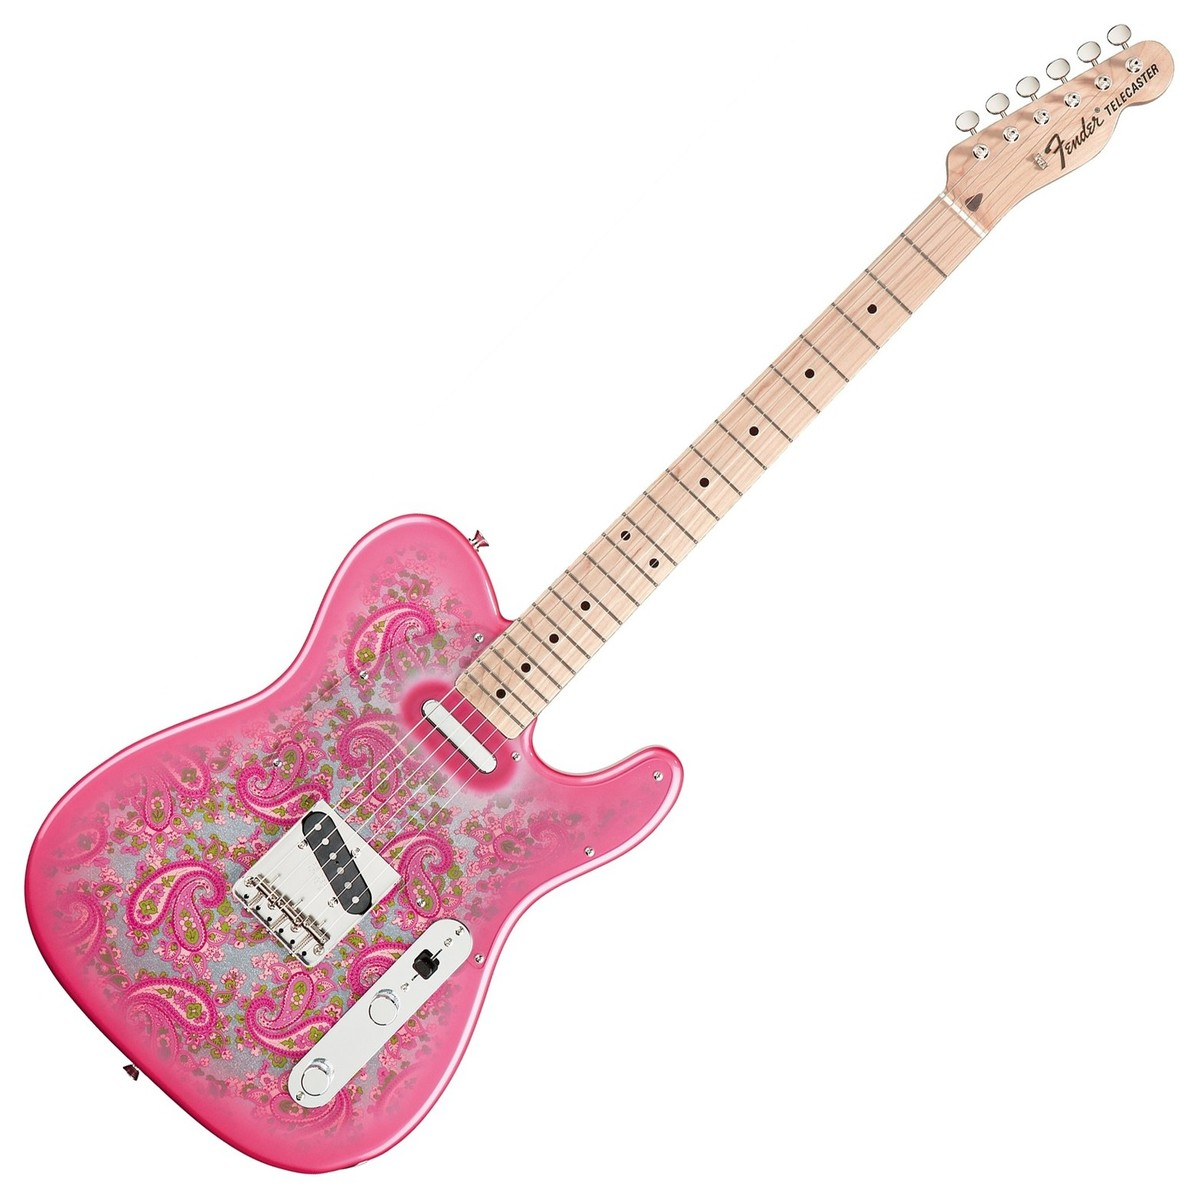 fender fsr classic 69 telecaster pink paisley at. Black Bedroom Furniture Sets. Home Design Ideas